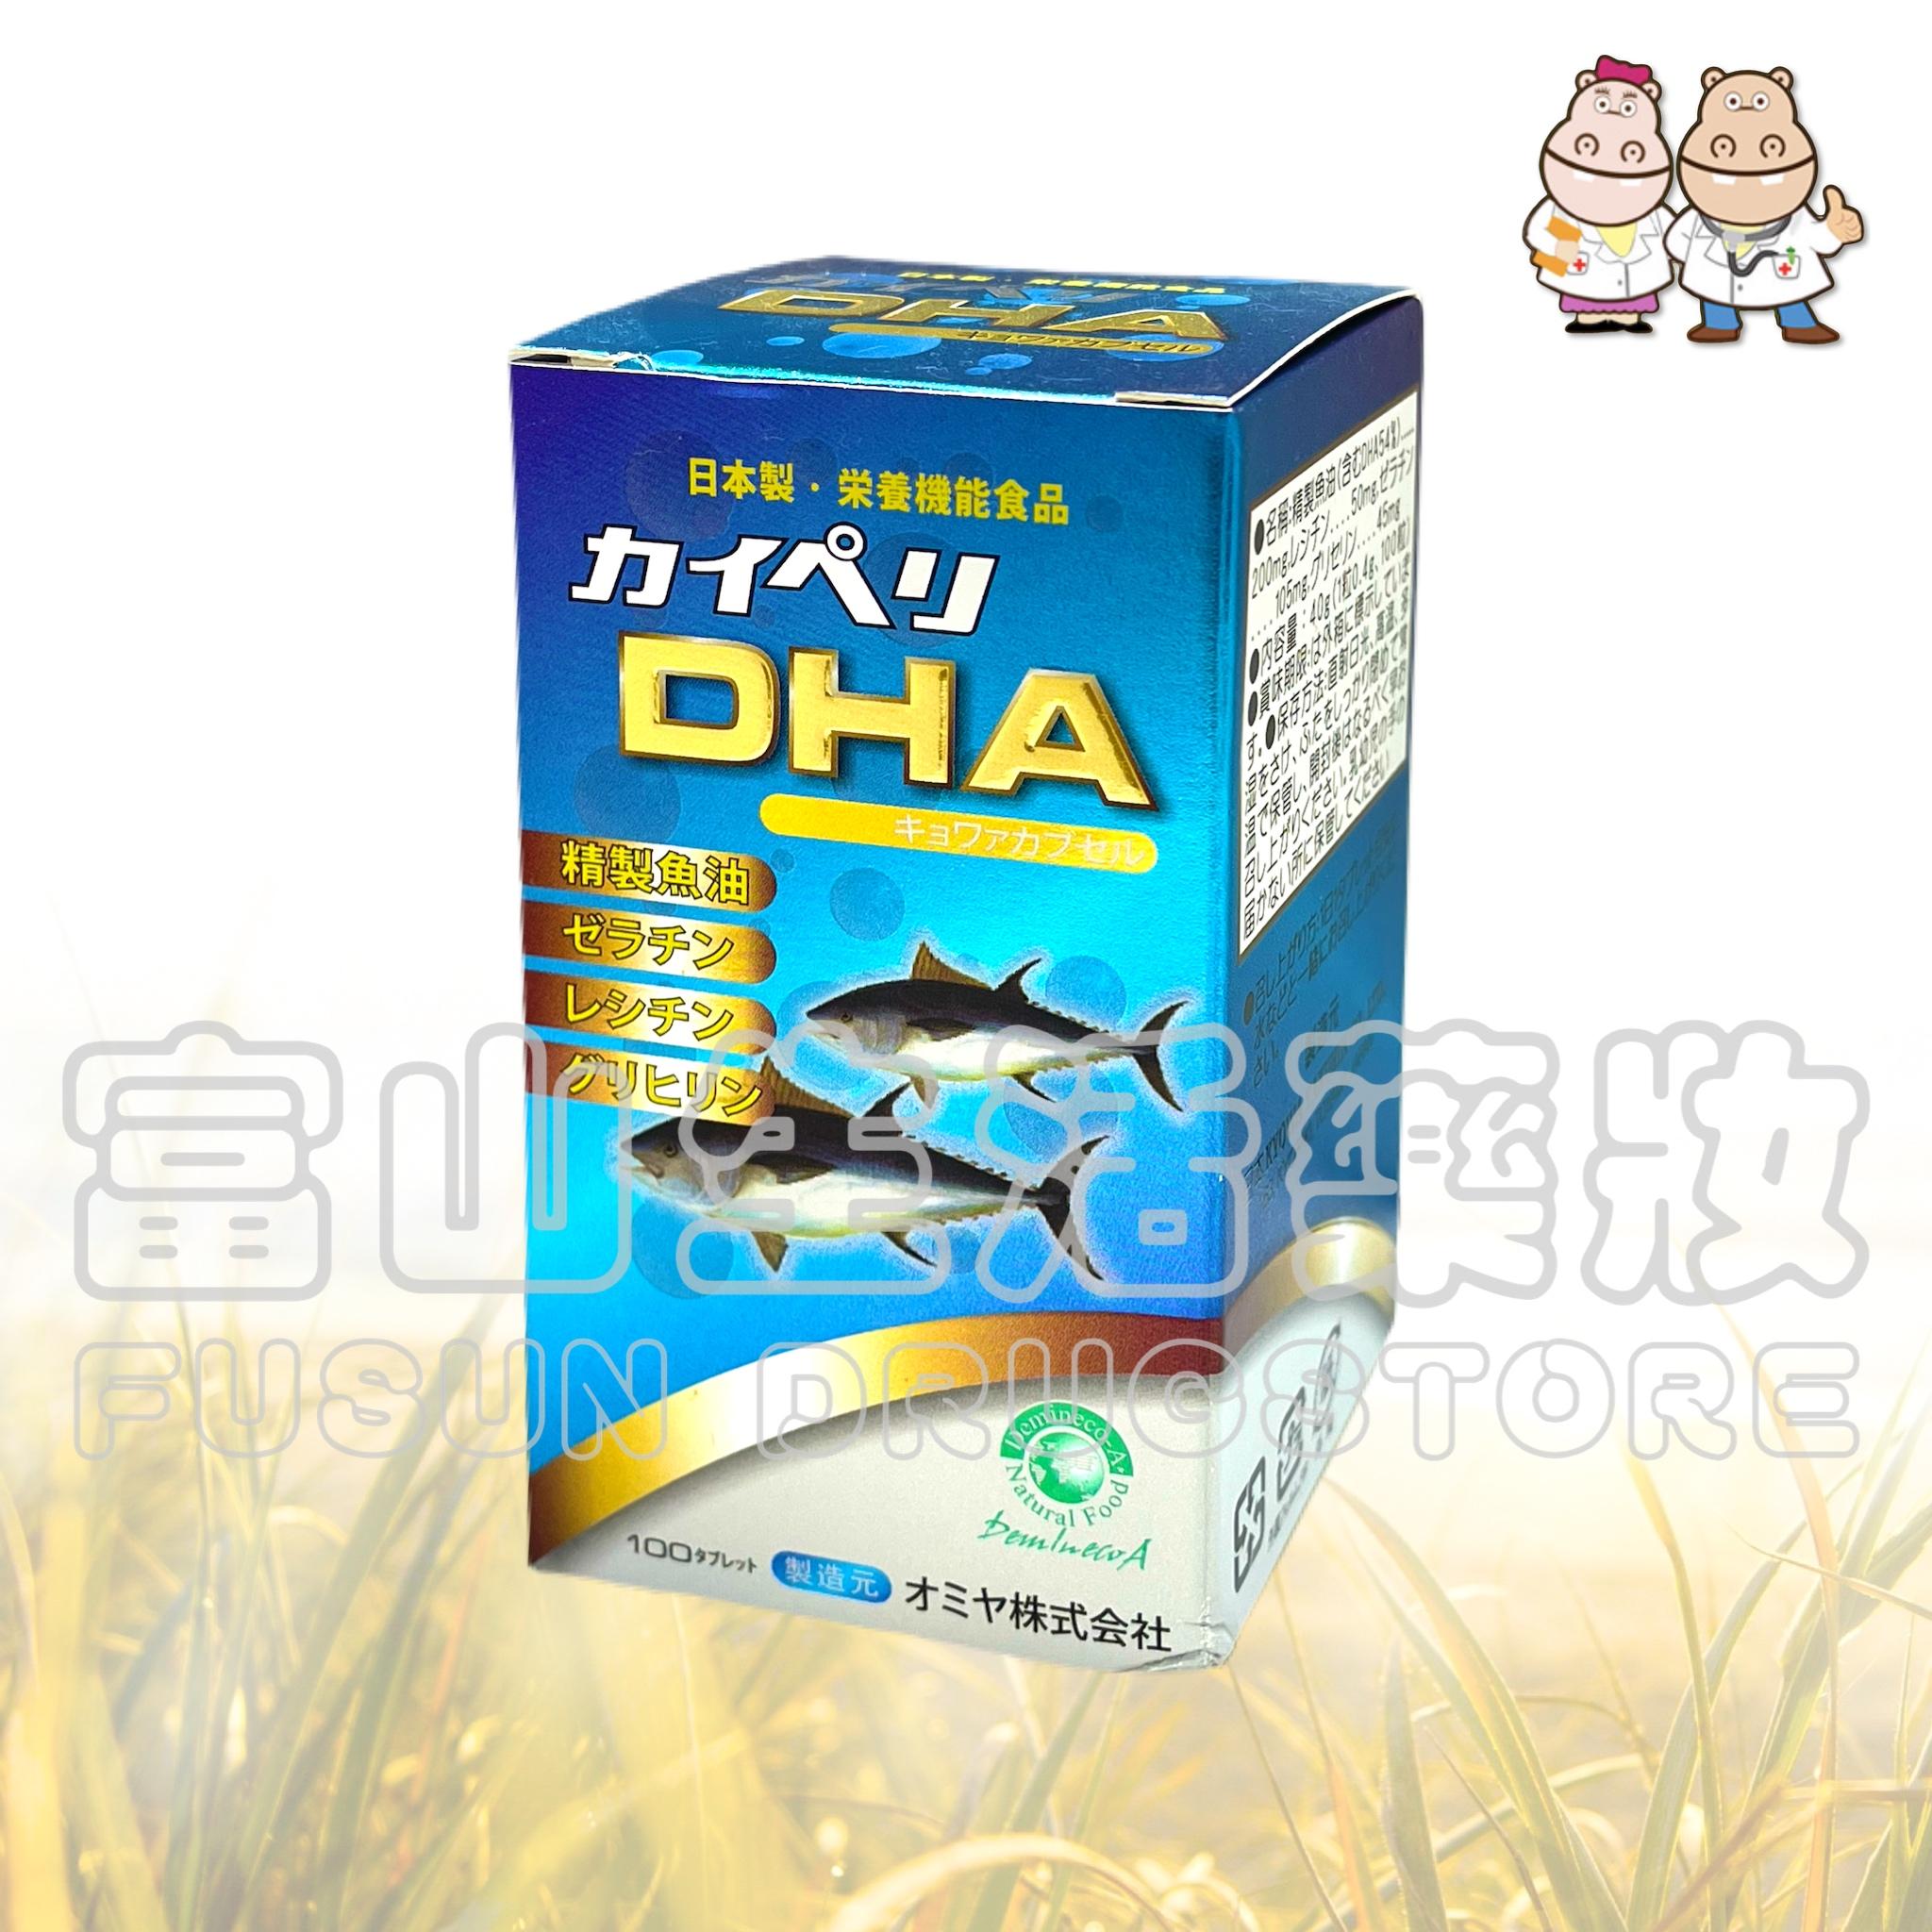 體敏康-A Demineco-A 日本協和DHA【富山】